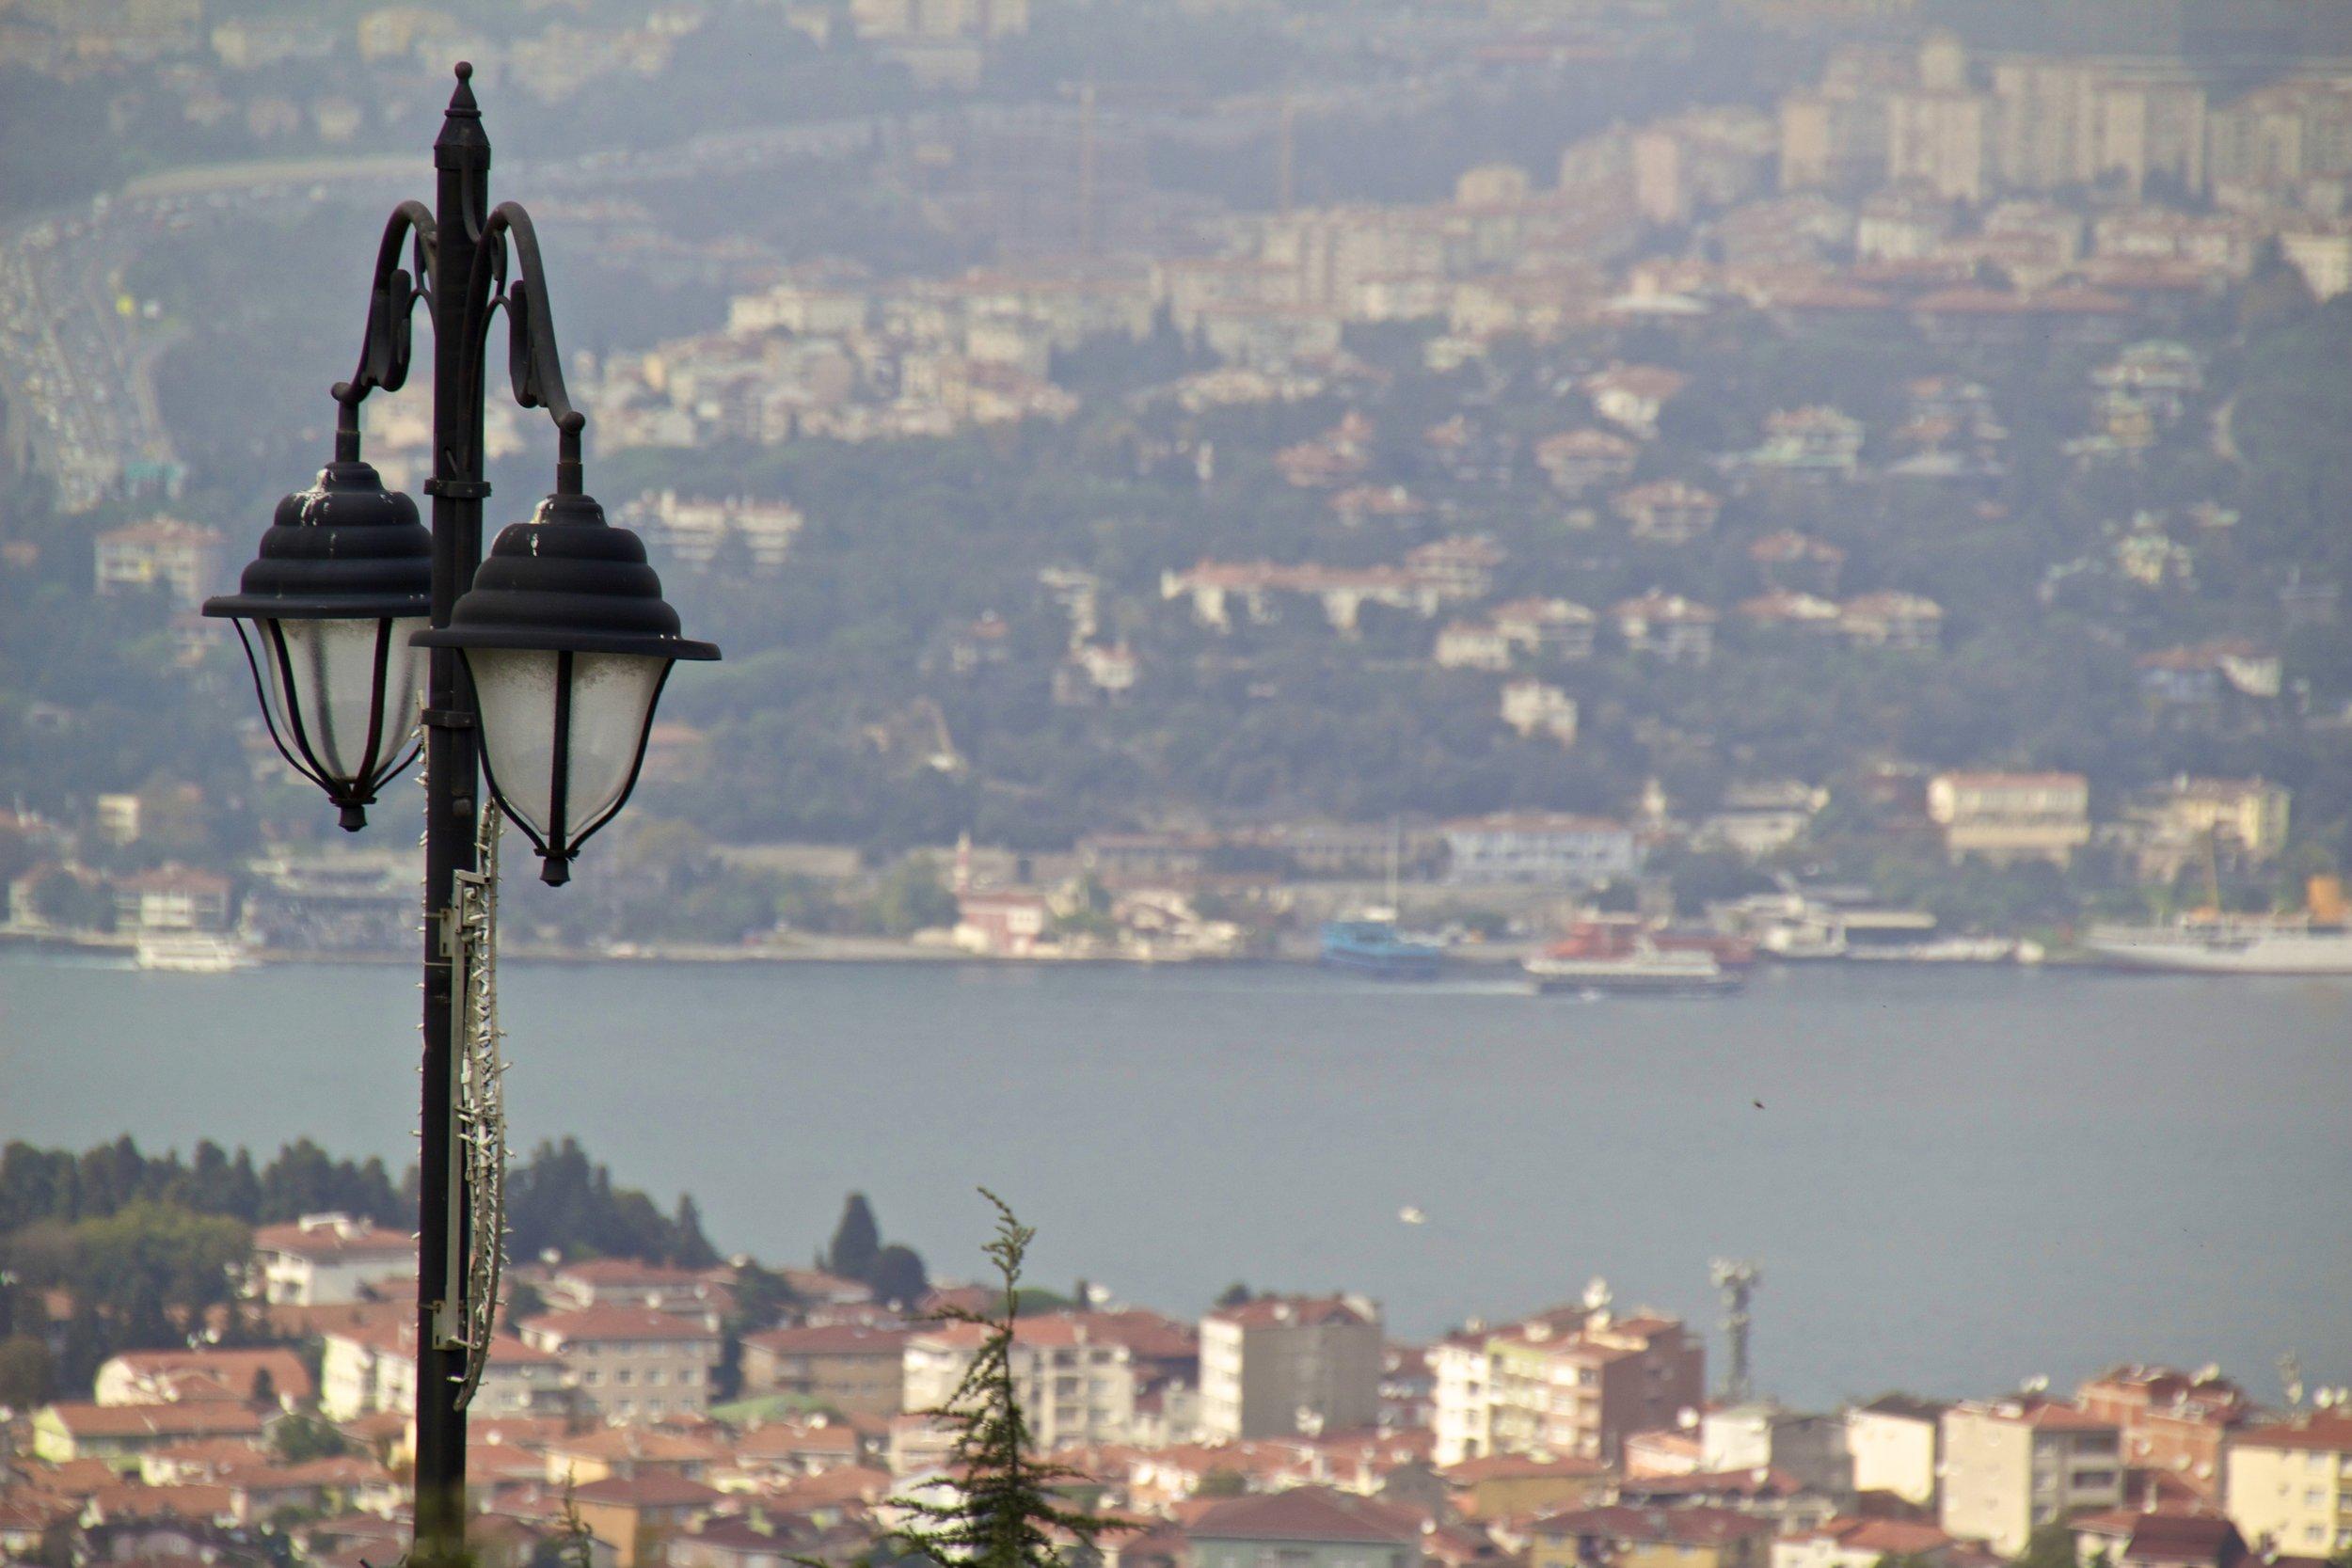 Çamlıca Hill Istanbul Turkey 6.jpg